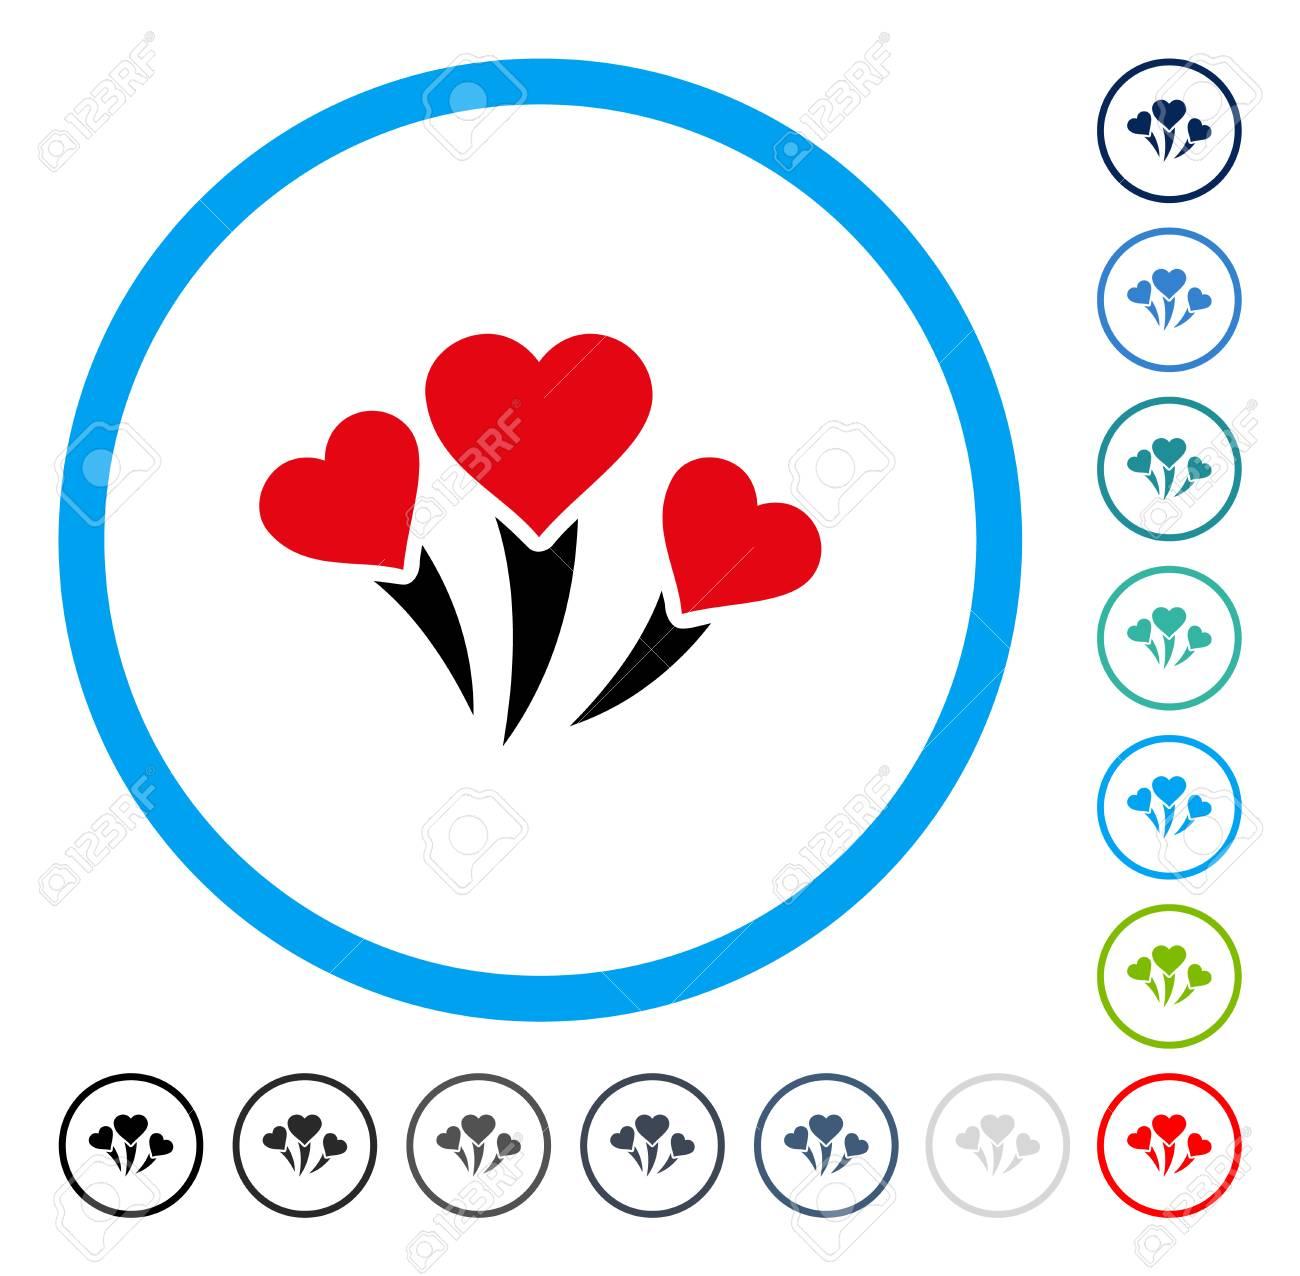 Love heart fireworks icon inside circle frame vector illustration love heart fireworks icon inside circle frame vector illustration style is a flat iconic symbol buycottarizona